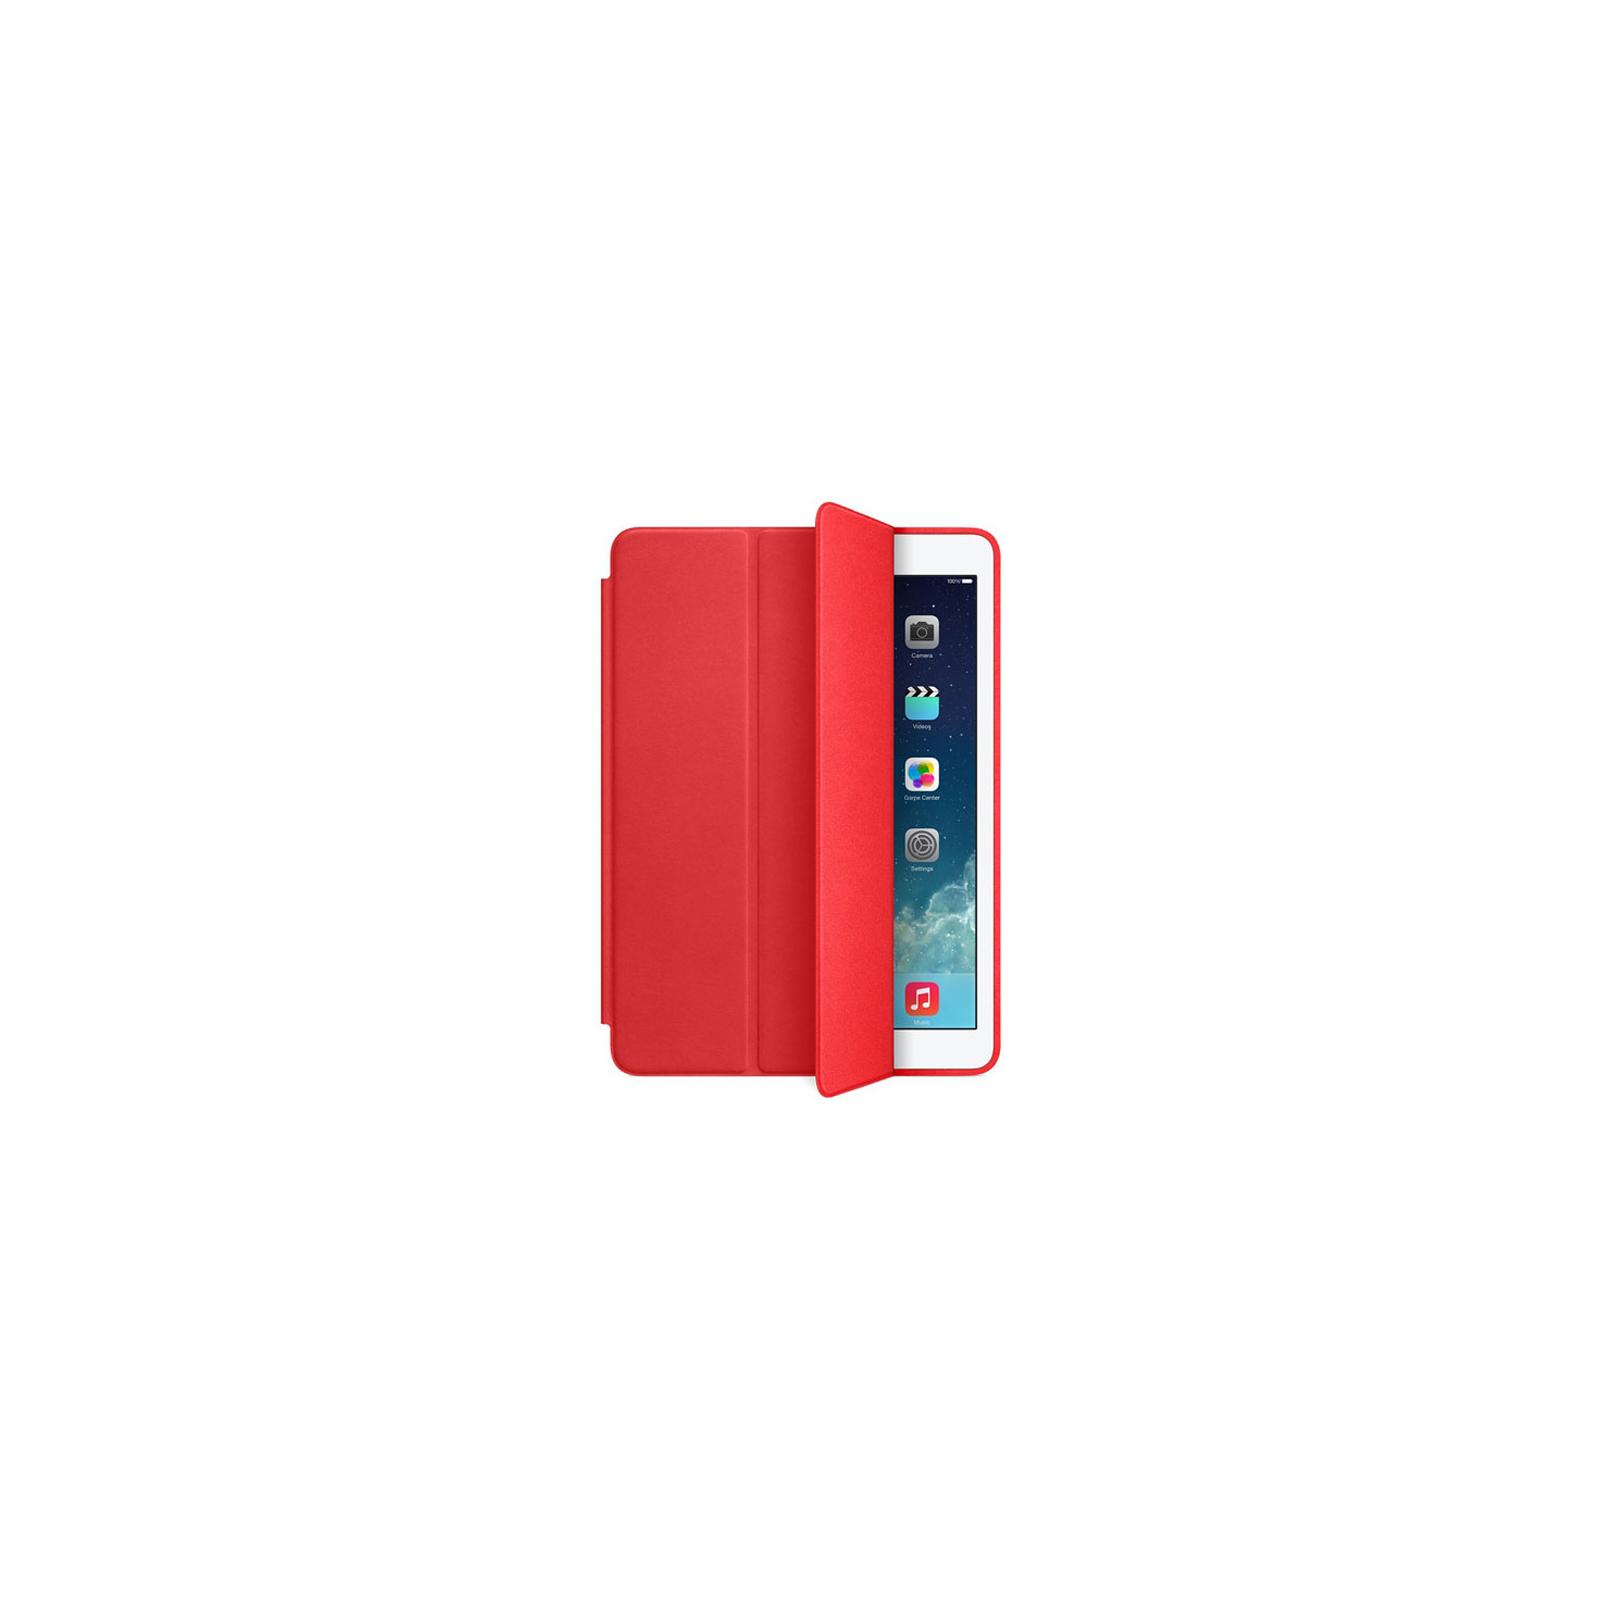 Чехол для планшета Apple Smart Case для iPad Air (red) (MF052ZM/A) изображение 3